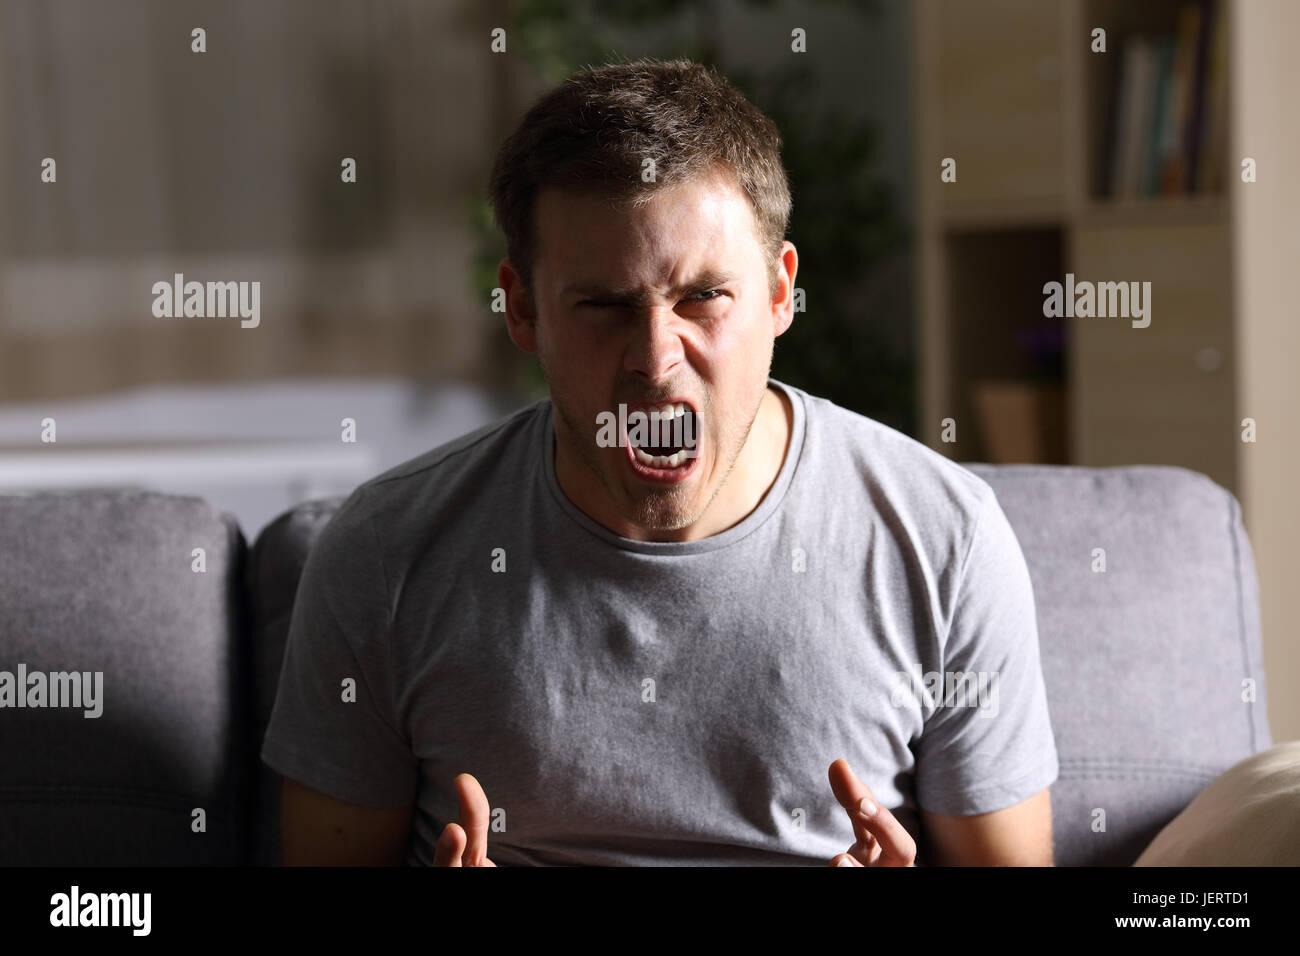 Casual hombre furioso gritando y mirando a usted sentado en un sofá en casa con una luz en el fondo oscuro Imagen De Stock